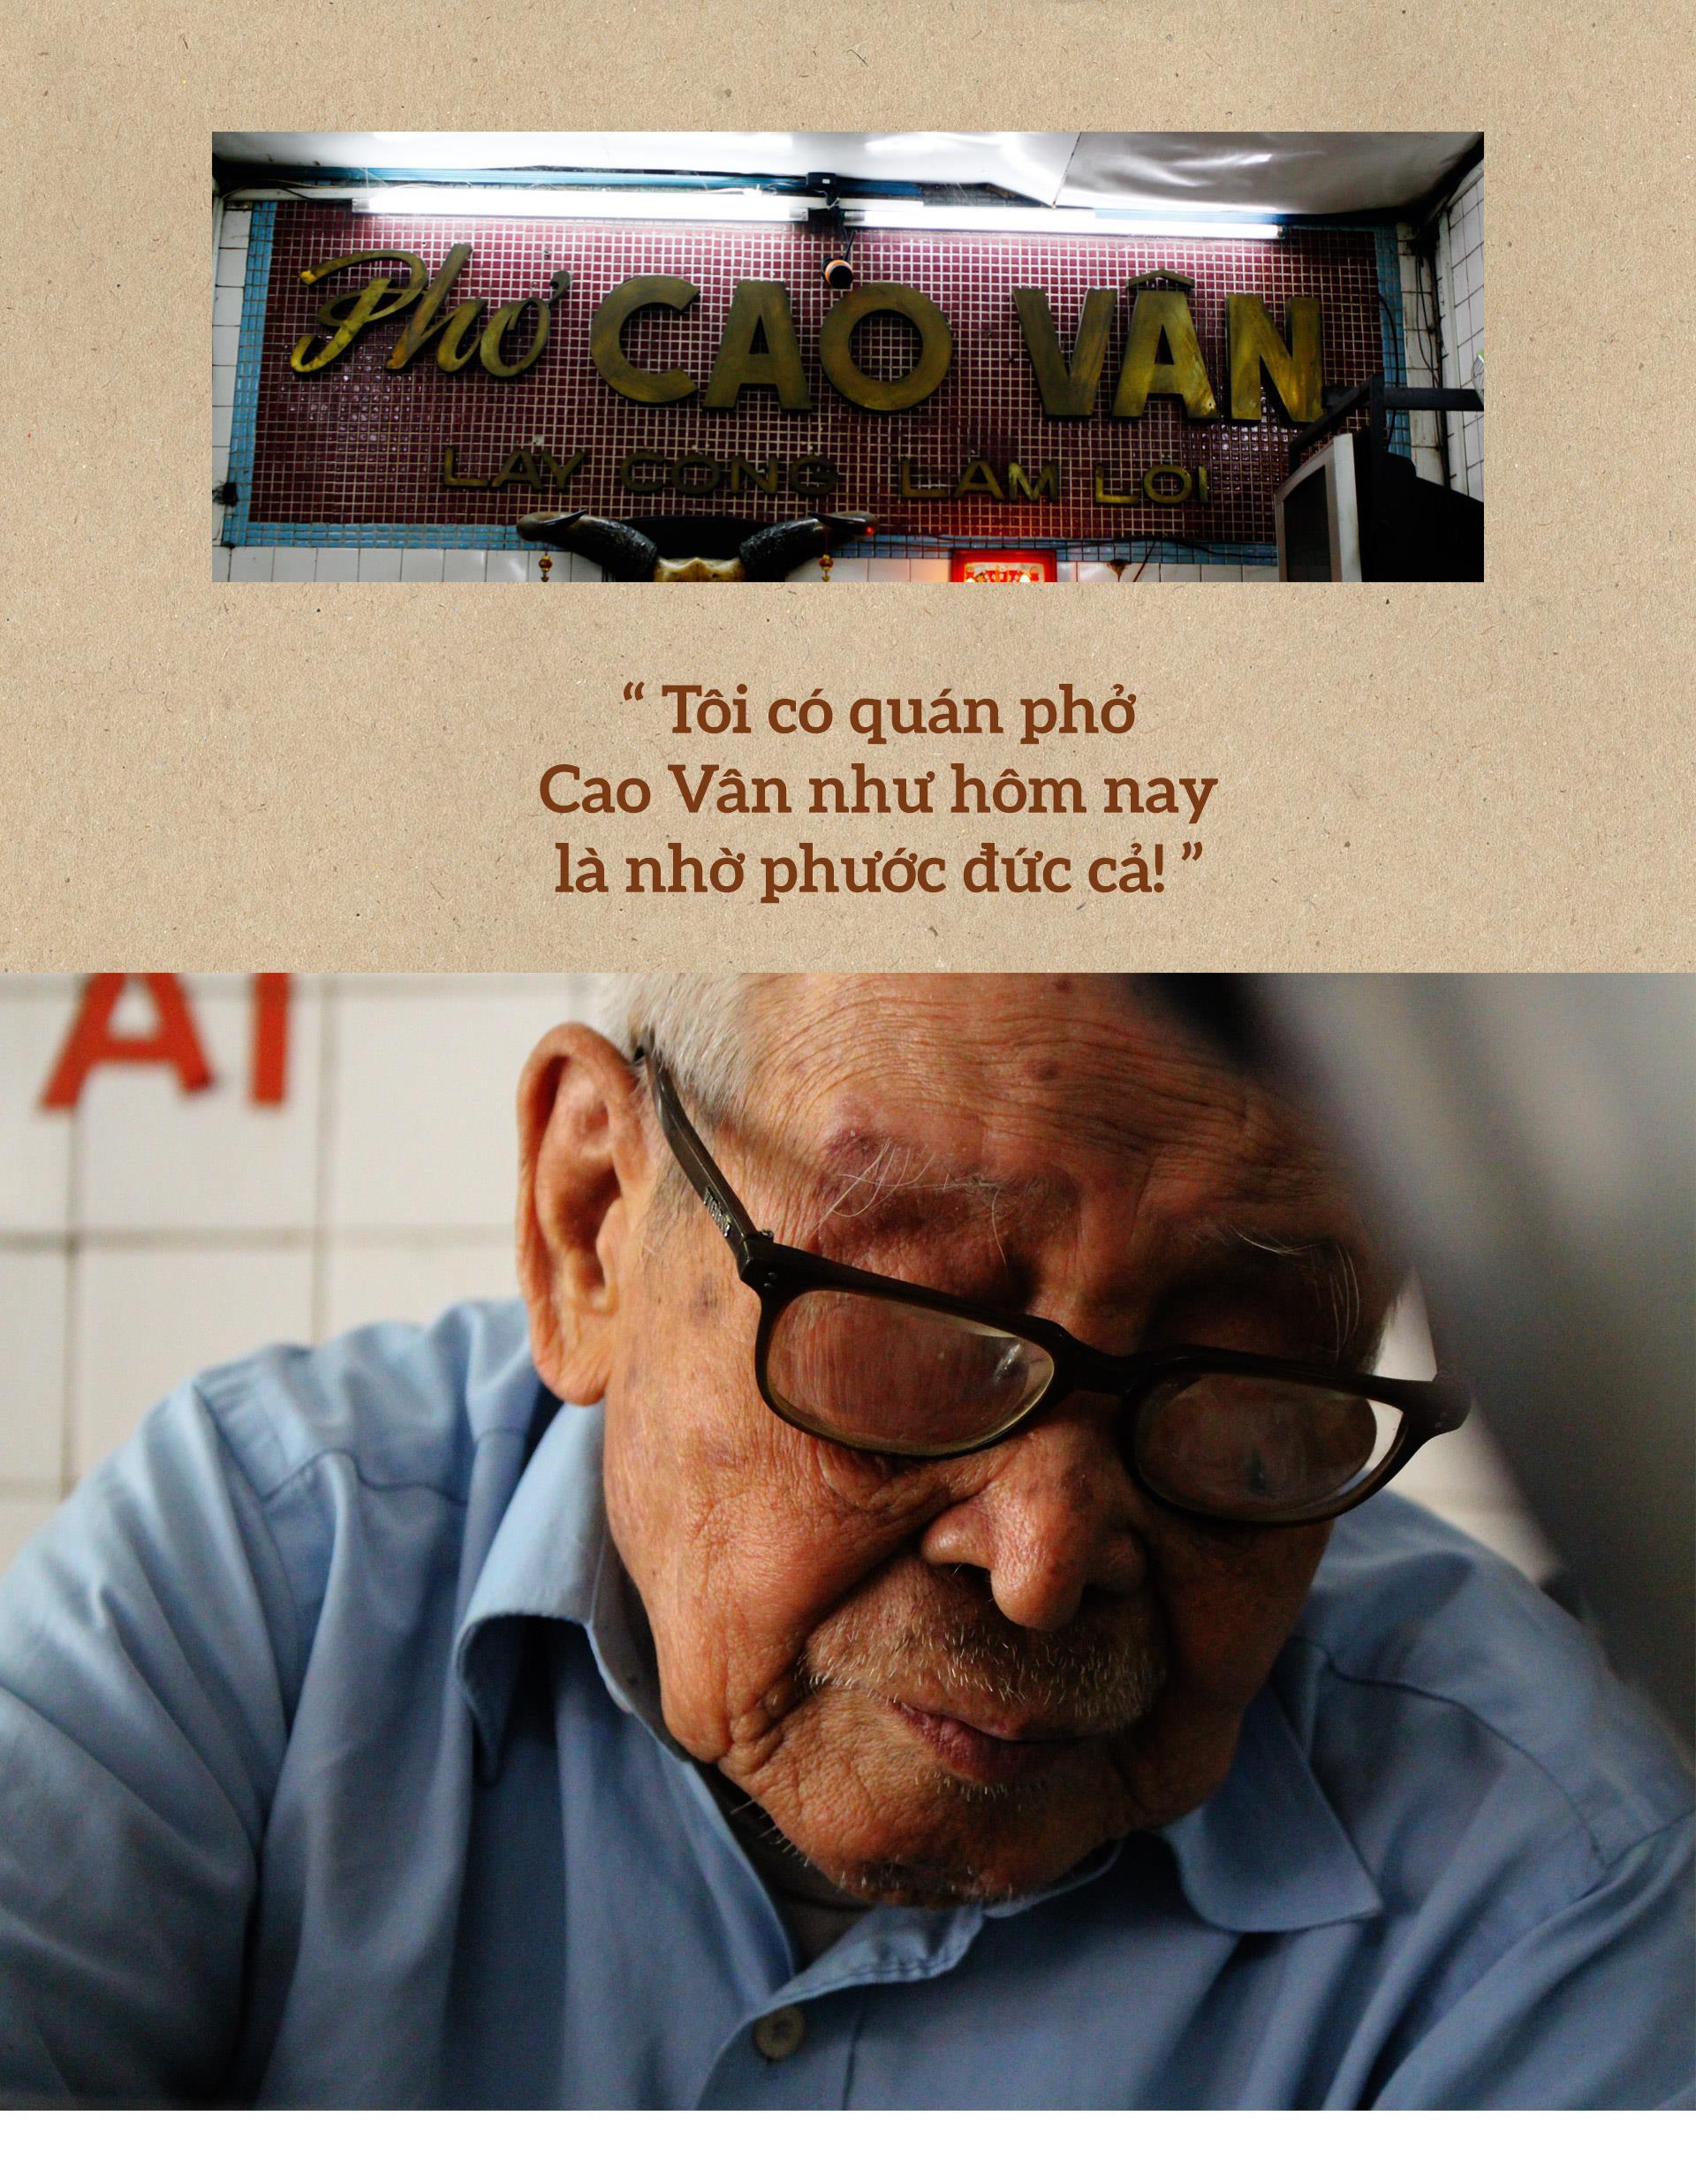 70 năm, một quán phở, một cuộc đời - ảnh 8